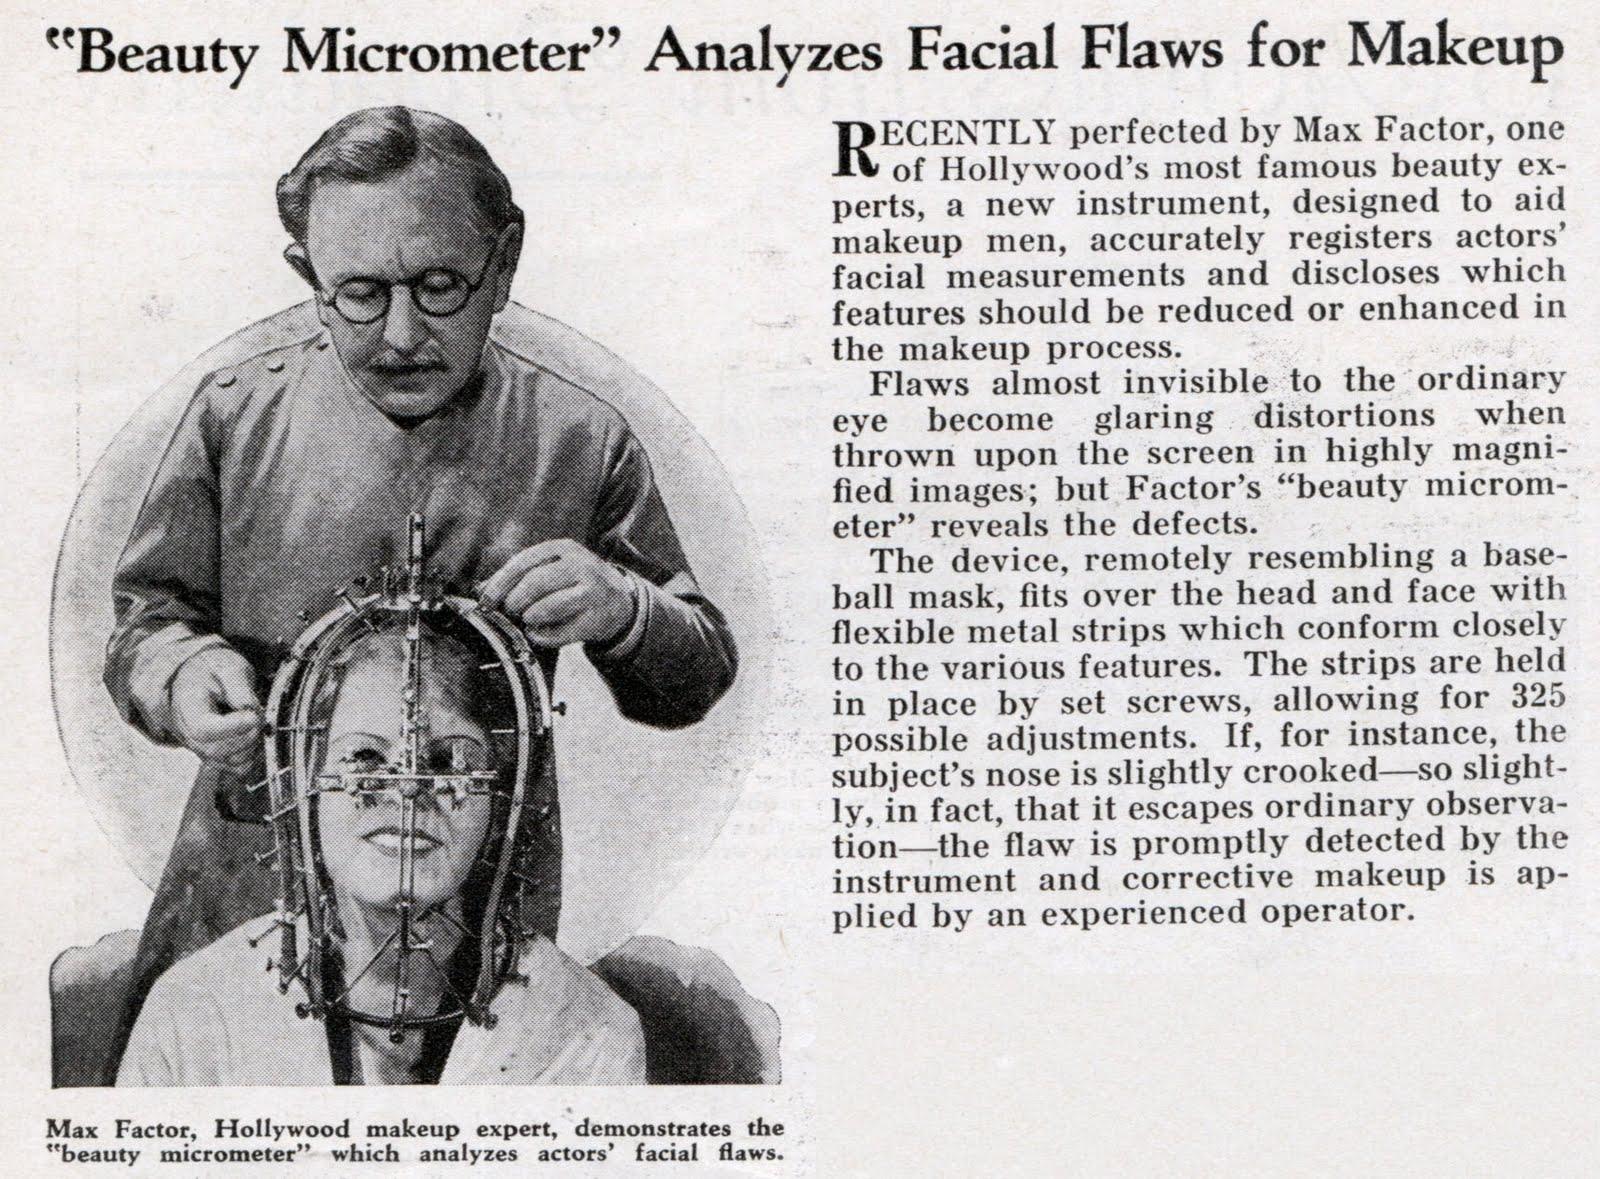 max factor - micrometer